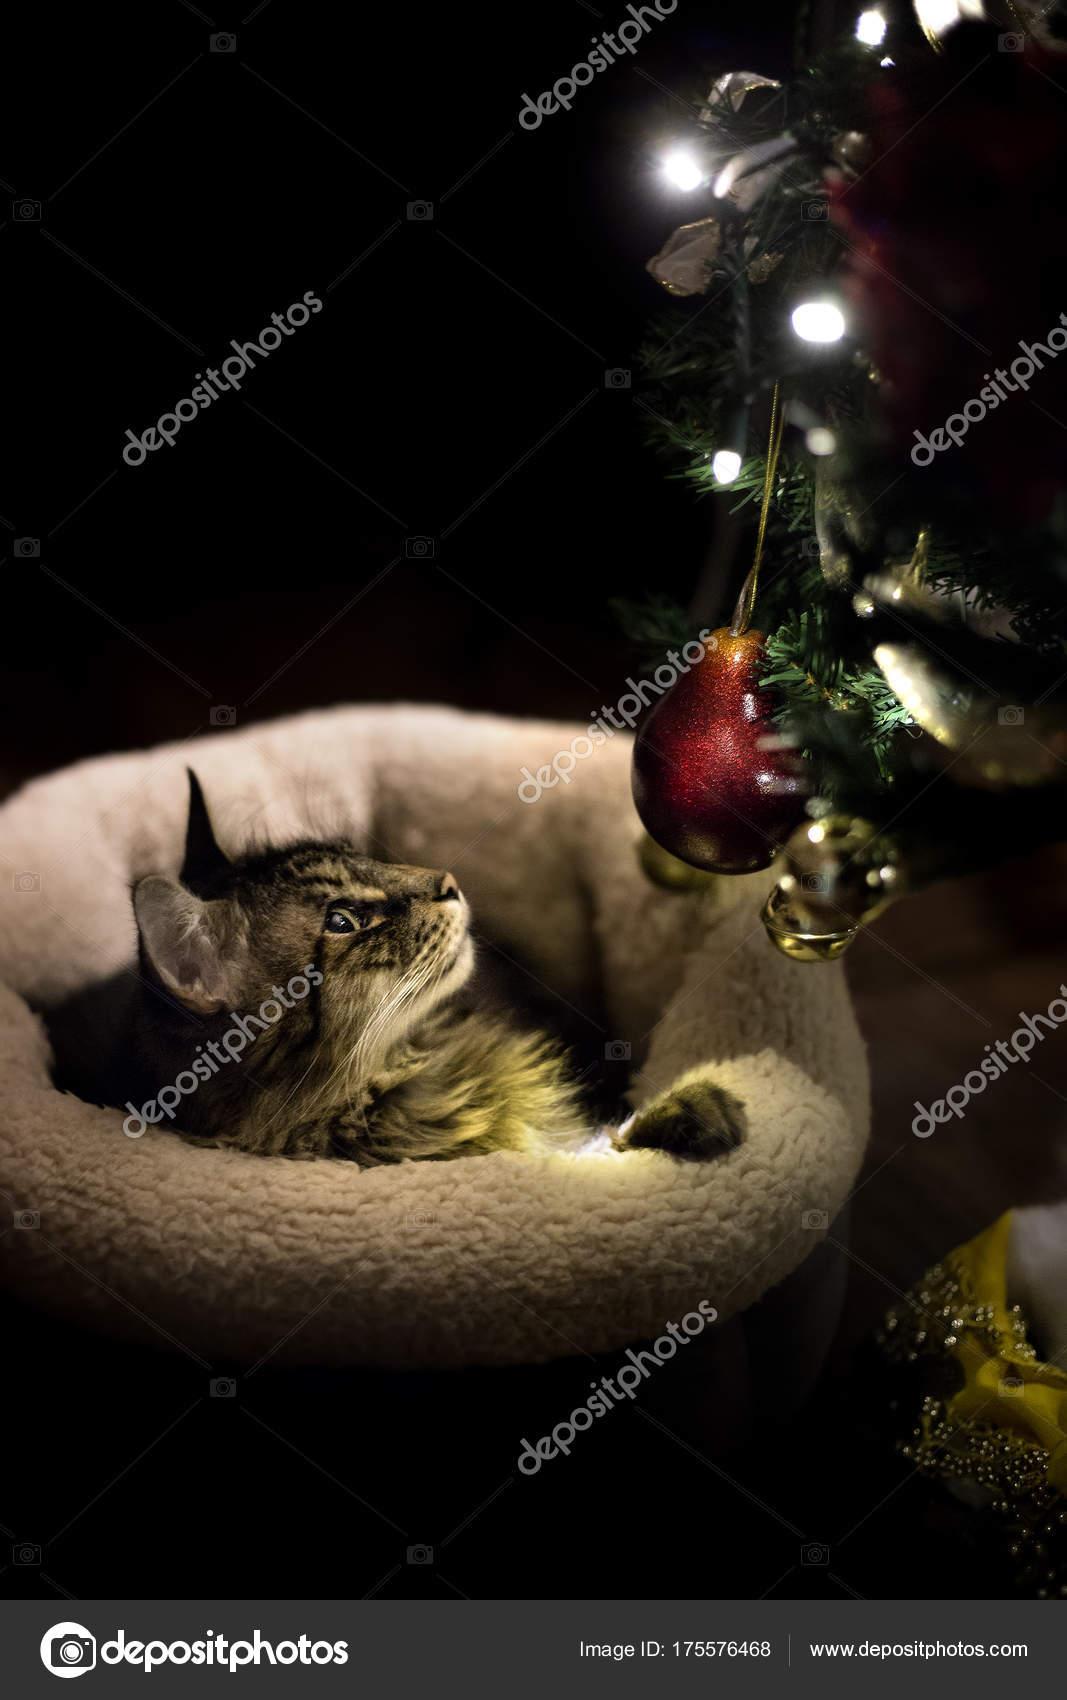 Кот том игра мультфильма мюридов кошка png скачать 3500*3500.